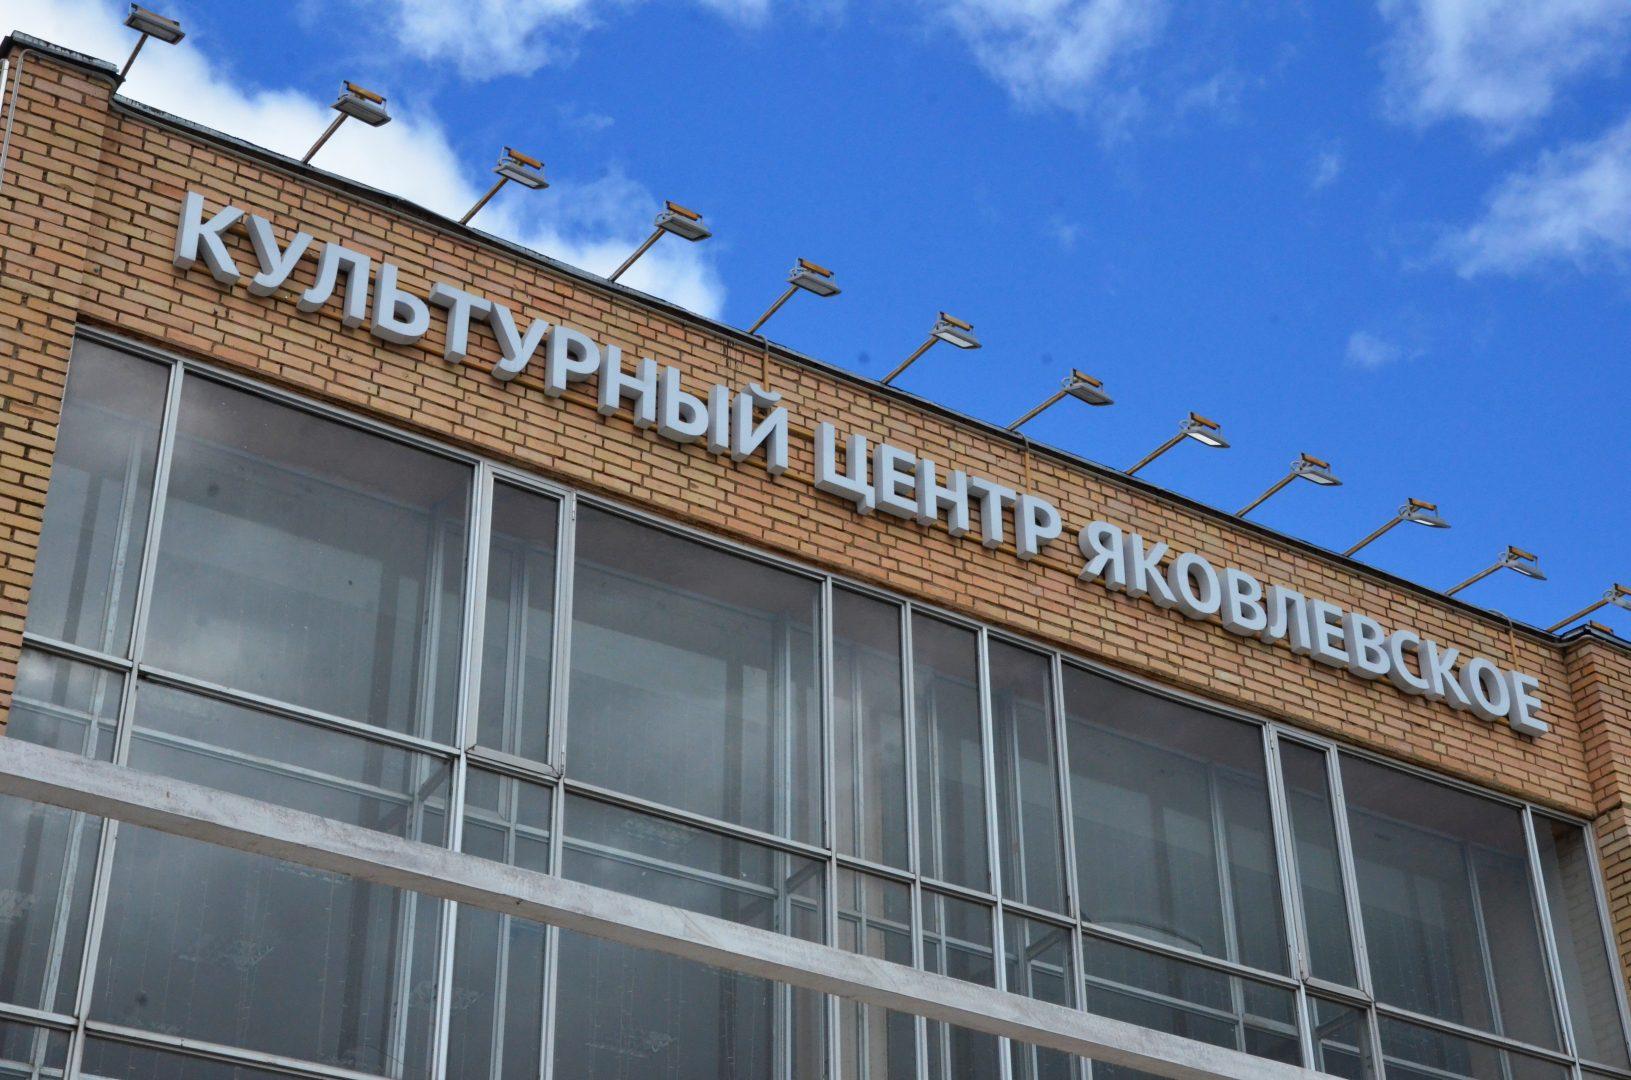 Культурный центр в Новофедоровском отремонтируют. Фото: Анна Быкова